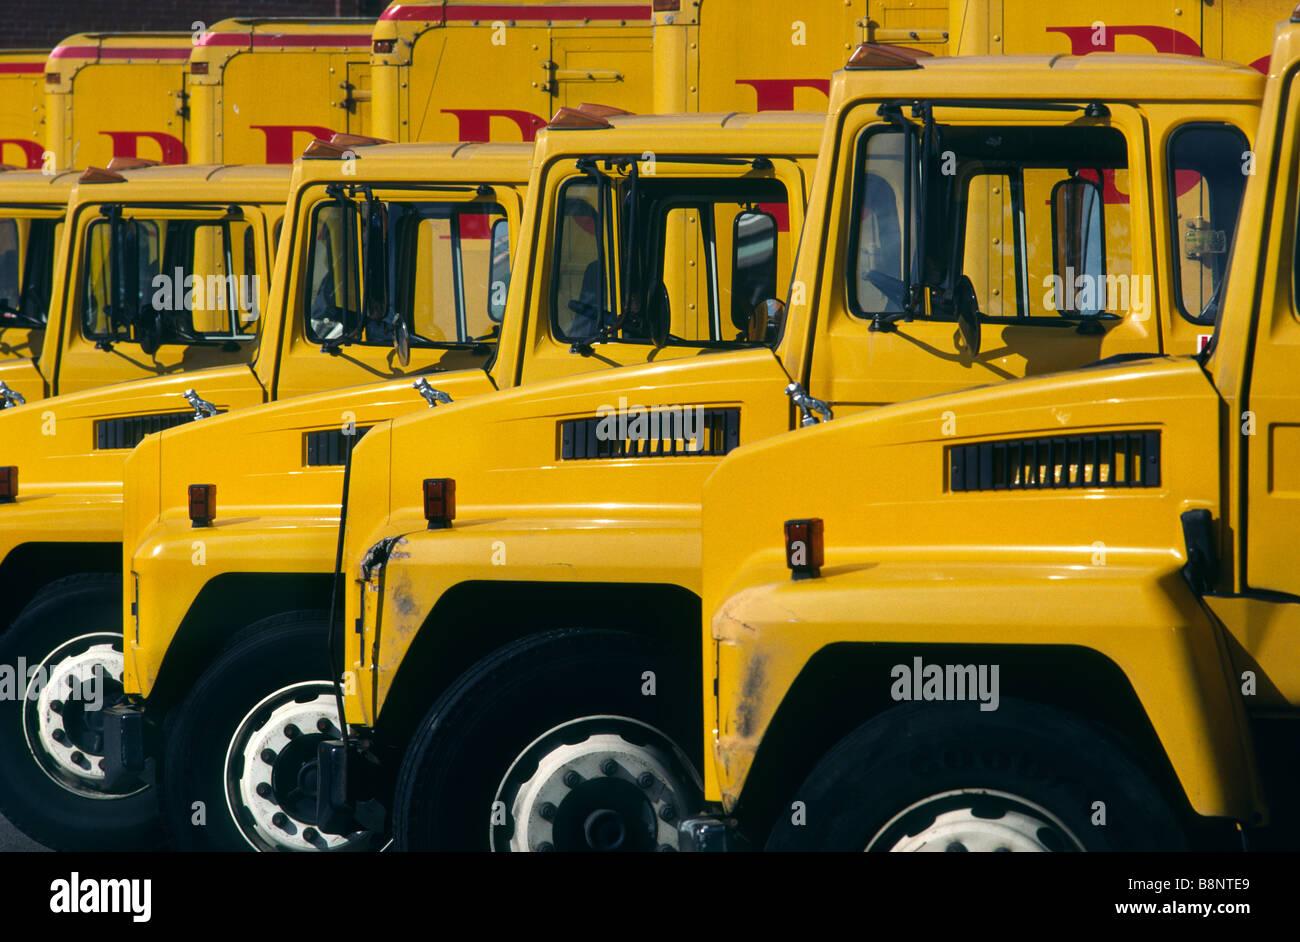 Una flotta di giallo camion di consegna Immagini Stock